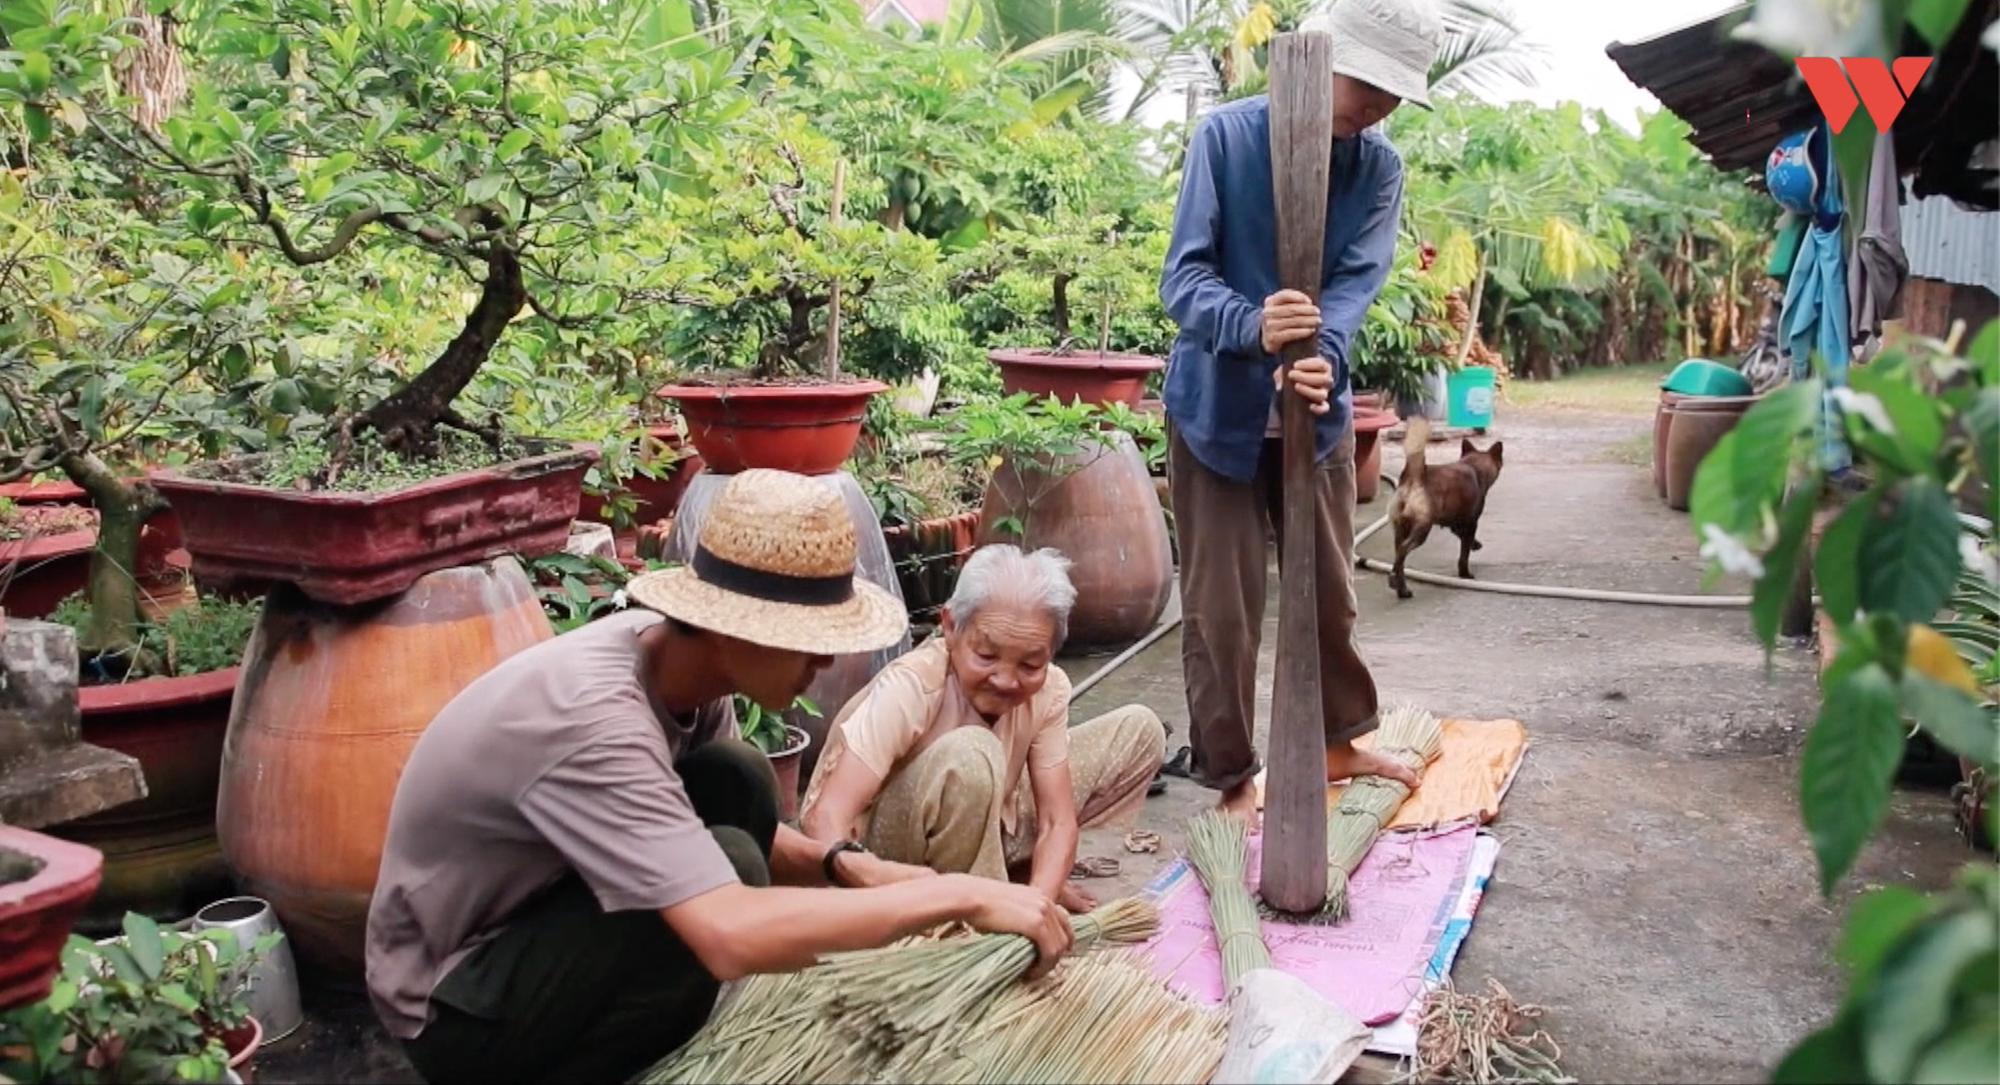 Chuyện chàng giáo viên bỏ phố về quê và giấc mơ thay thế túi nilon, ống hút nhựa bằng sản phẩm từ cây cỏ - Ảnh 9.